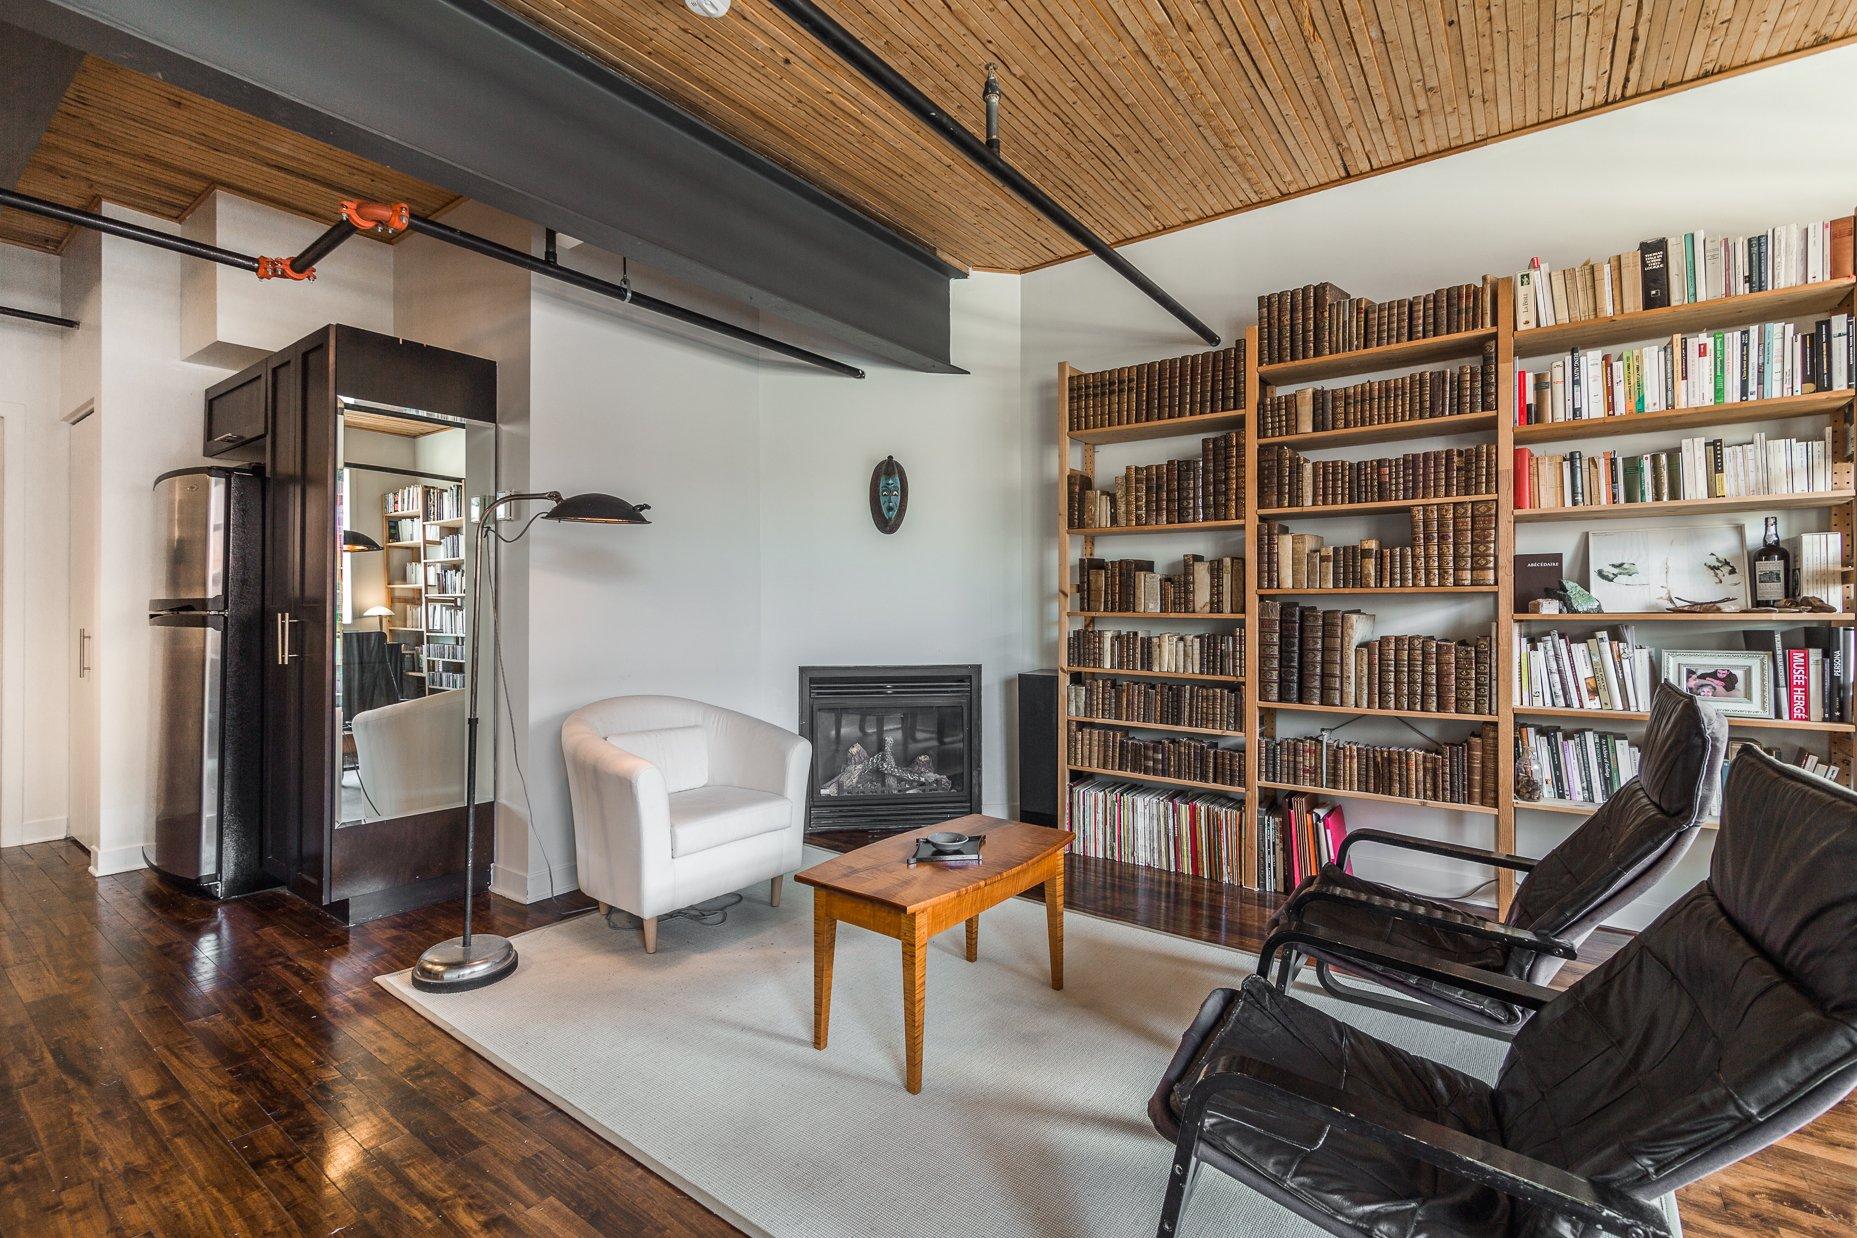 Emejing design loft industriel photos - Loft industriel design eclectique reiko feng shui ...